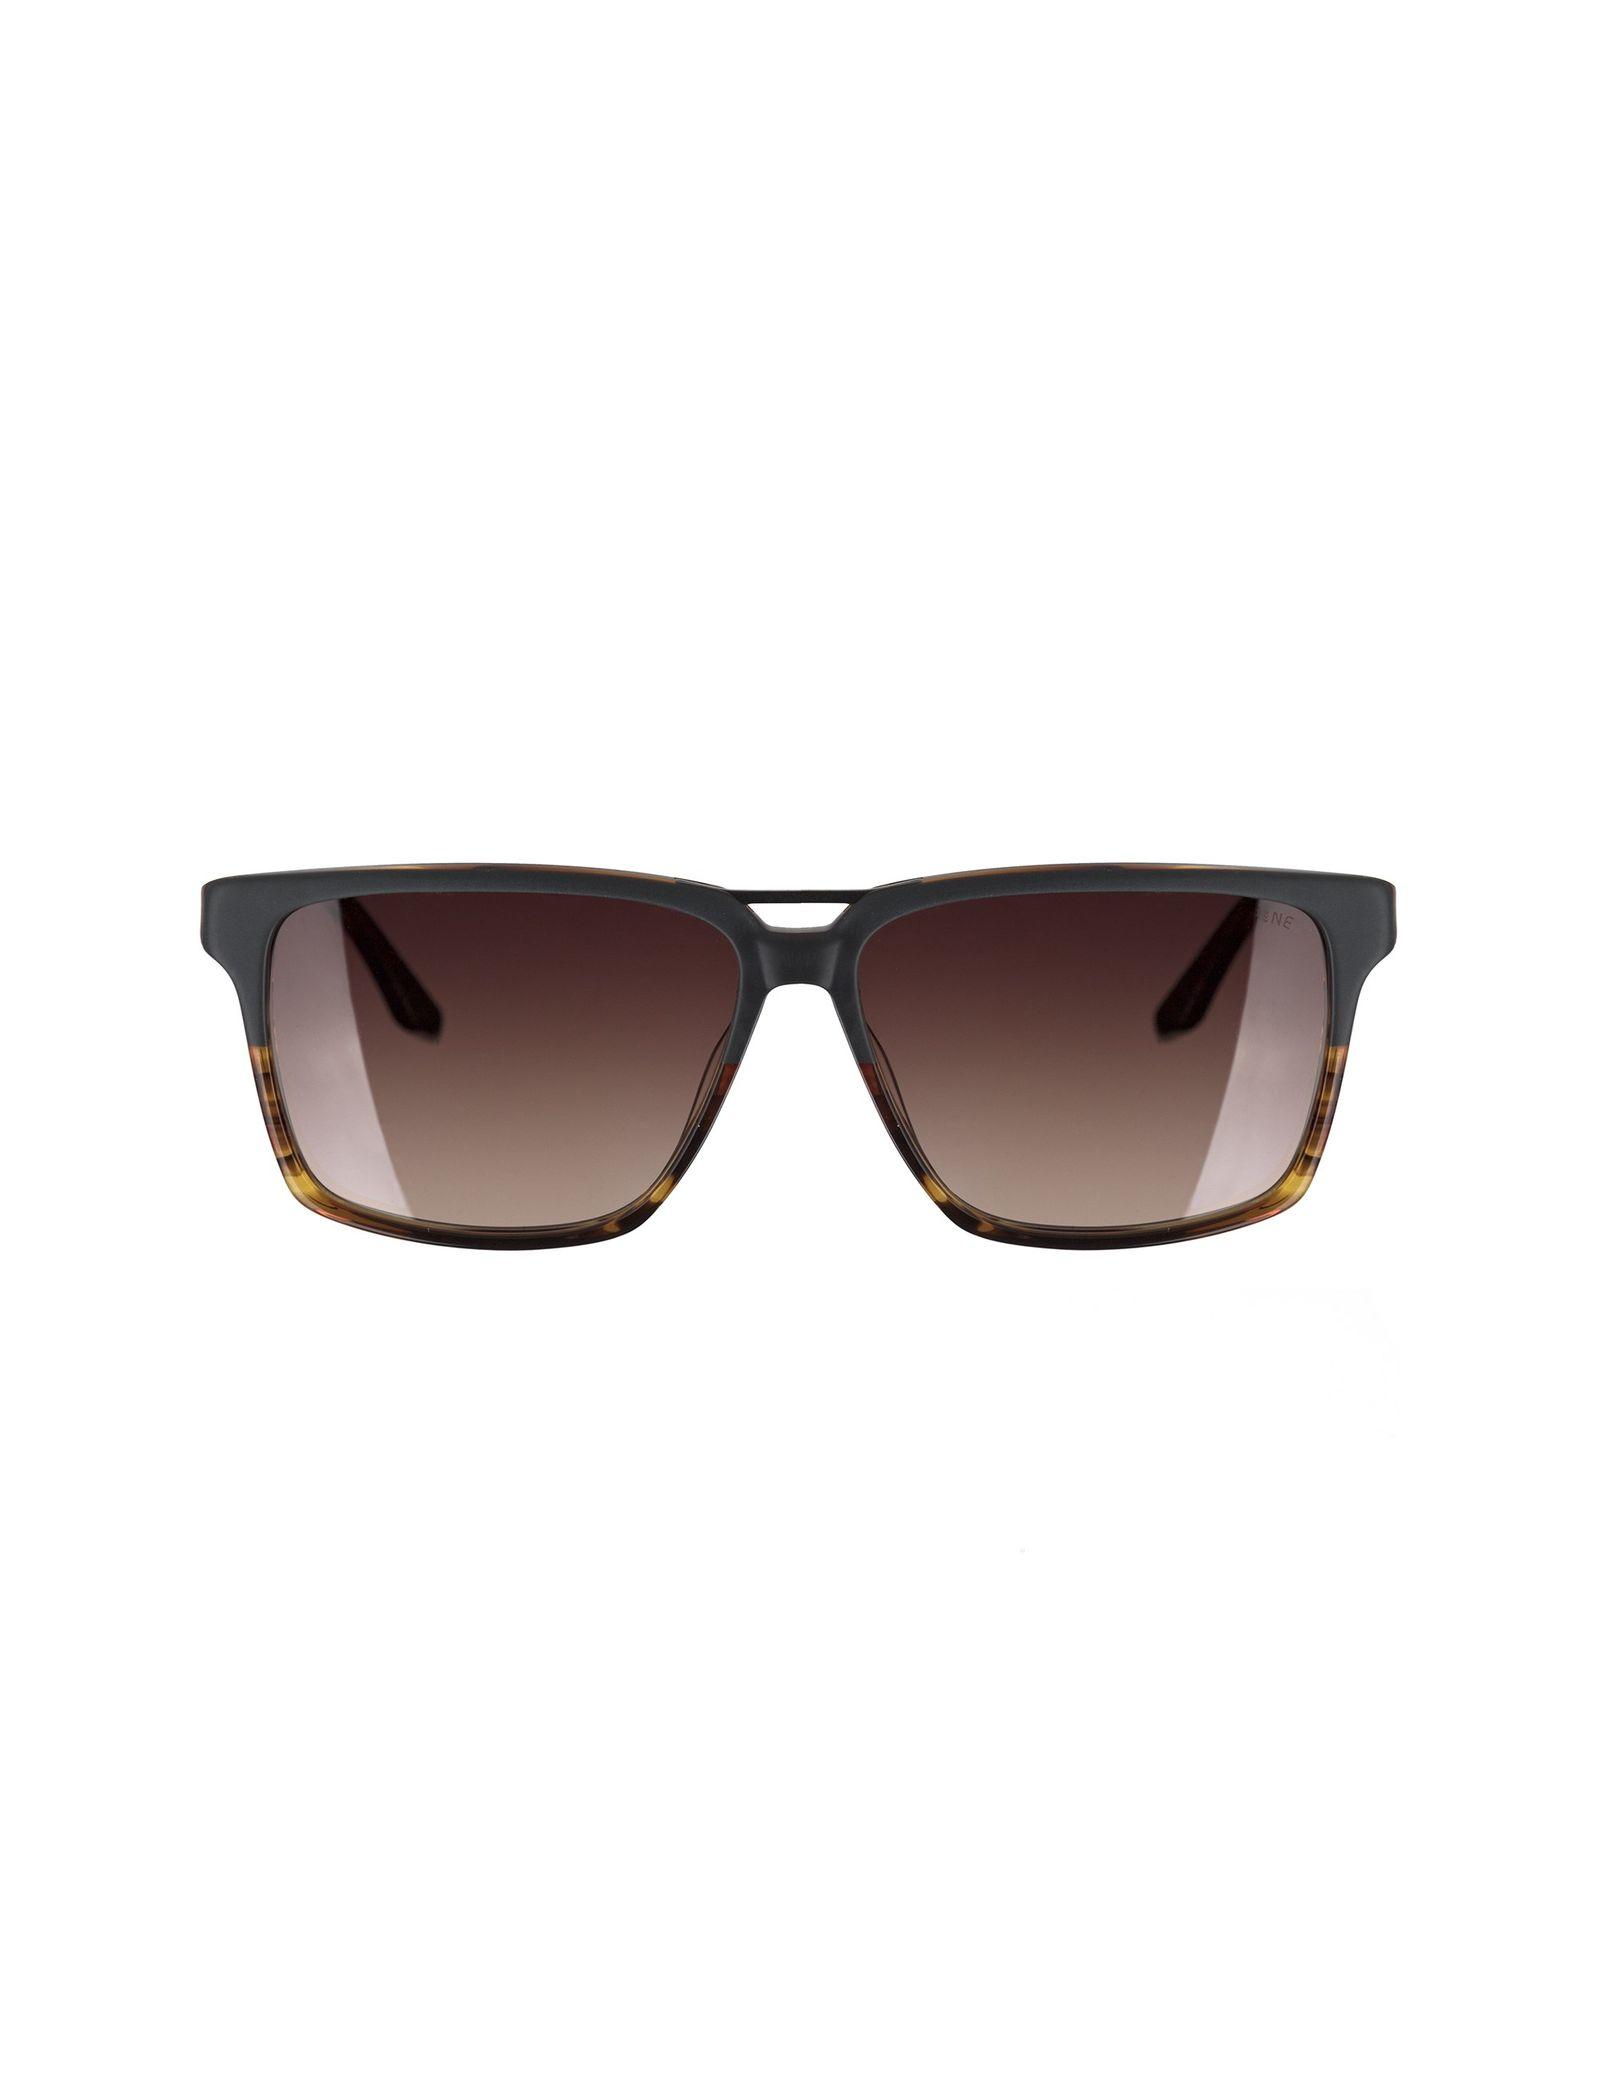 عینک آفتابی ویفرر مردانه - اسپاین - طوسي و قهوه اي - 1